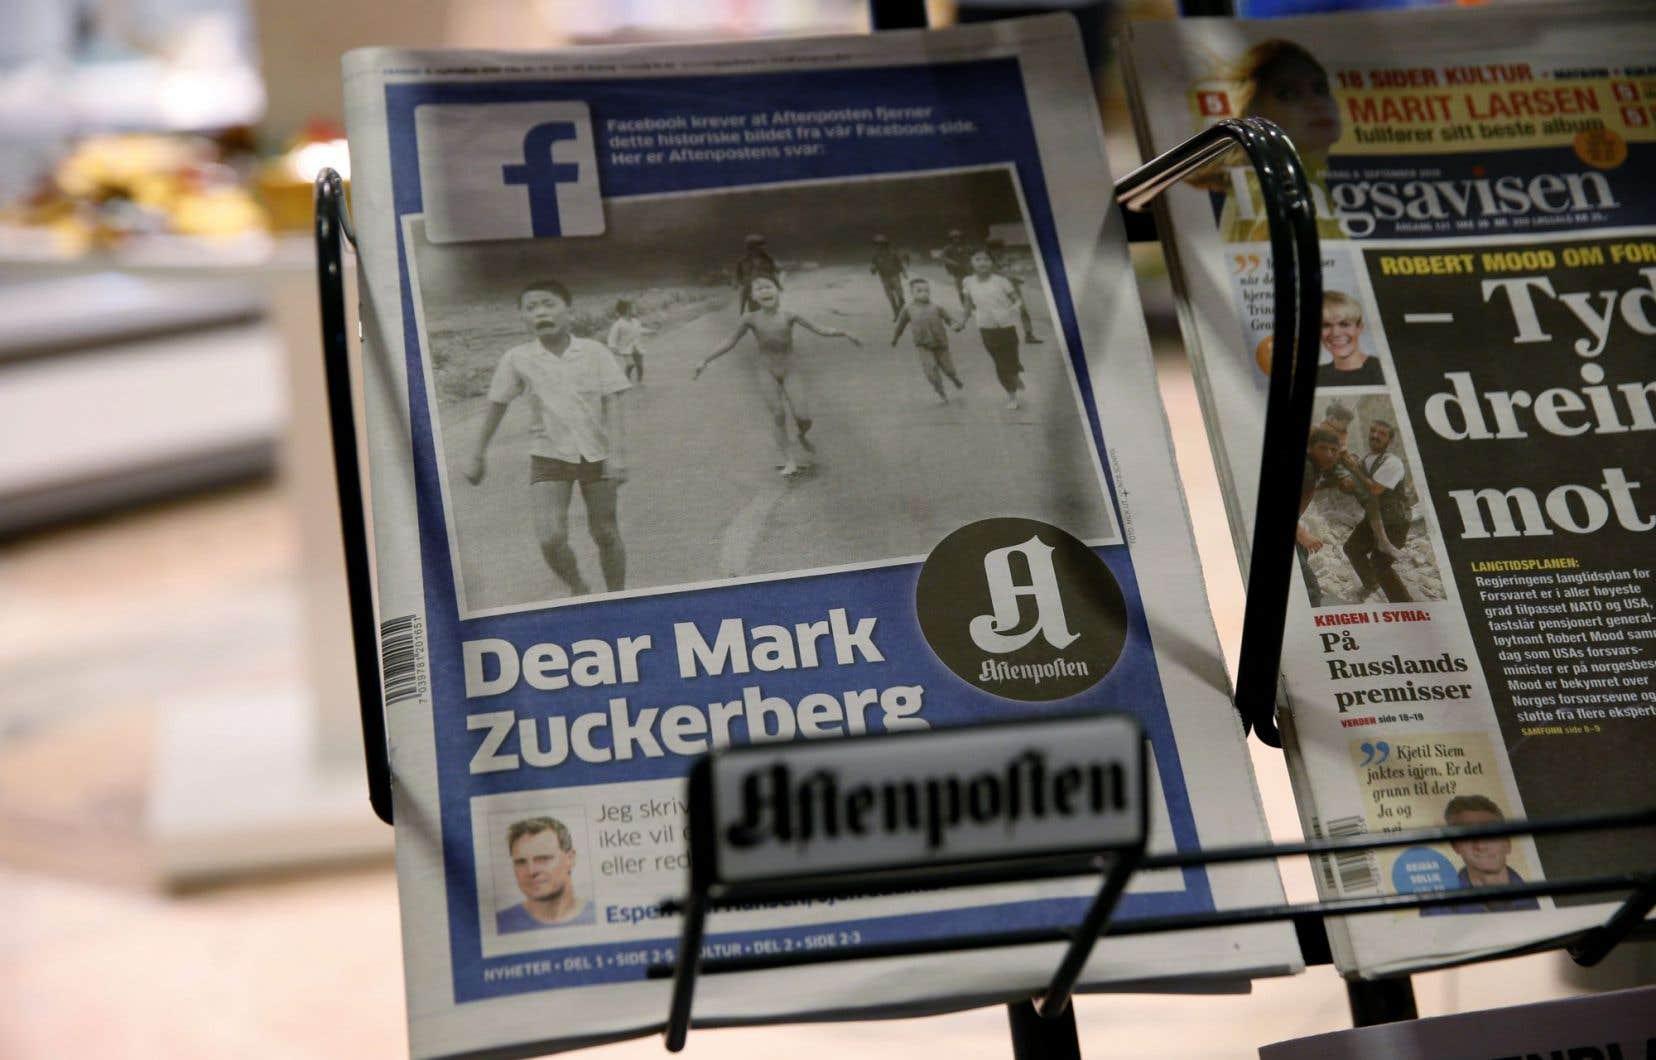 Le plus grand journal norvégien «Aftenposten»<em> </em>s'est élevé contre la censure de Facebook en reproduisant en Une vendredi la fameuse photo — sous le logo de Facebook —, accompagnée d'une lettre ouverte sur deux pages adressée à Mark Zuckerberg, le fondateur du populaire et puissant réseau social.